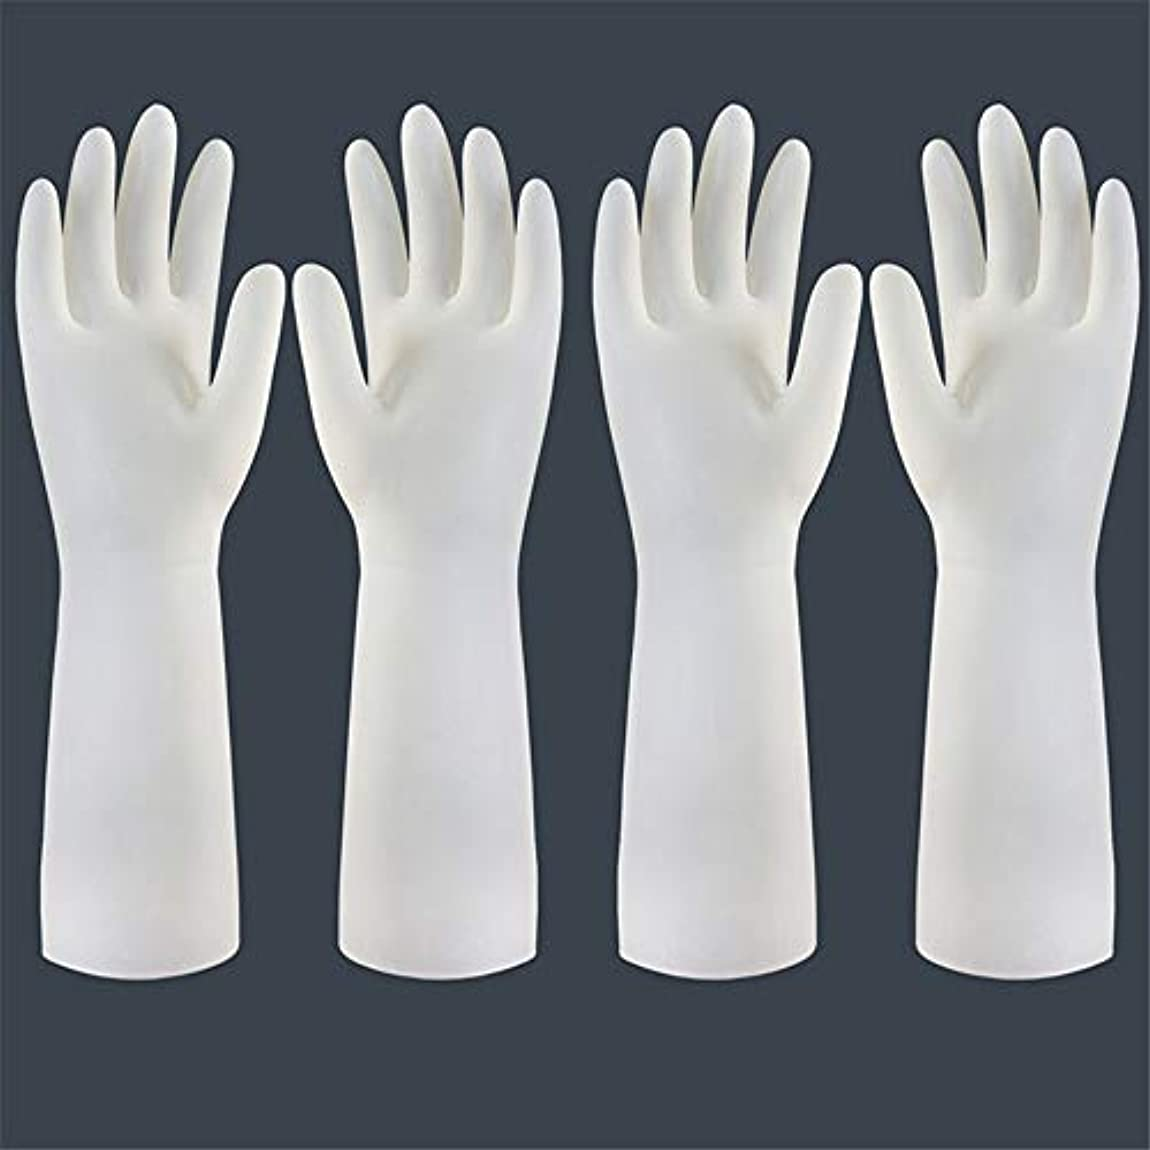 フロー分不純使い捨て手袋 使い捨て手袋の防水および耐久のゴム製台所手袋、小/中/大 ニトリルゴム手袋 (Color : Long-2 pair, Size : S)